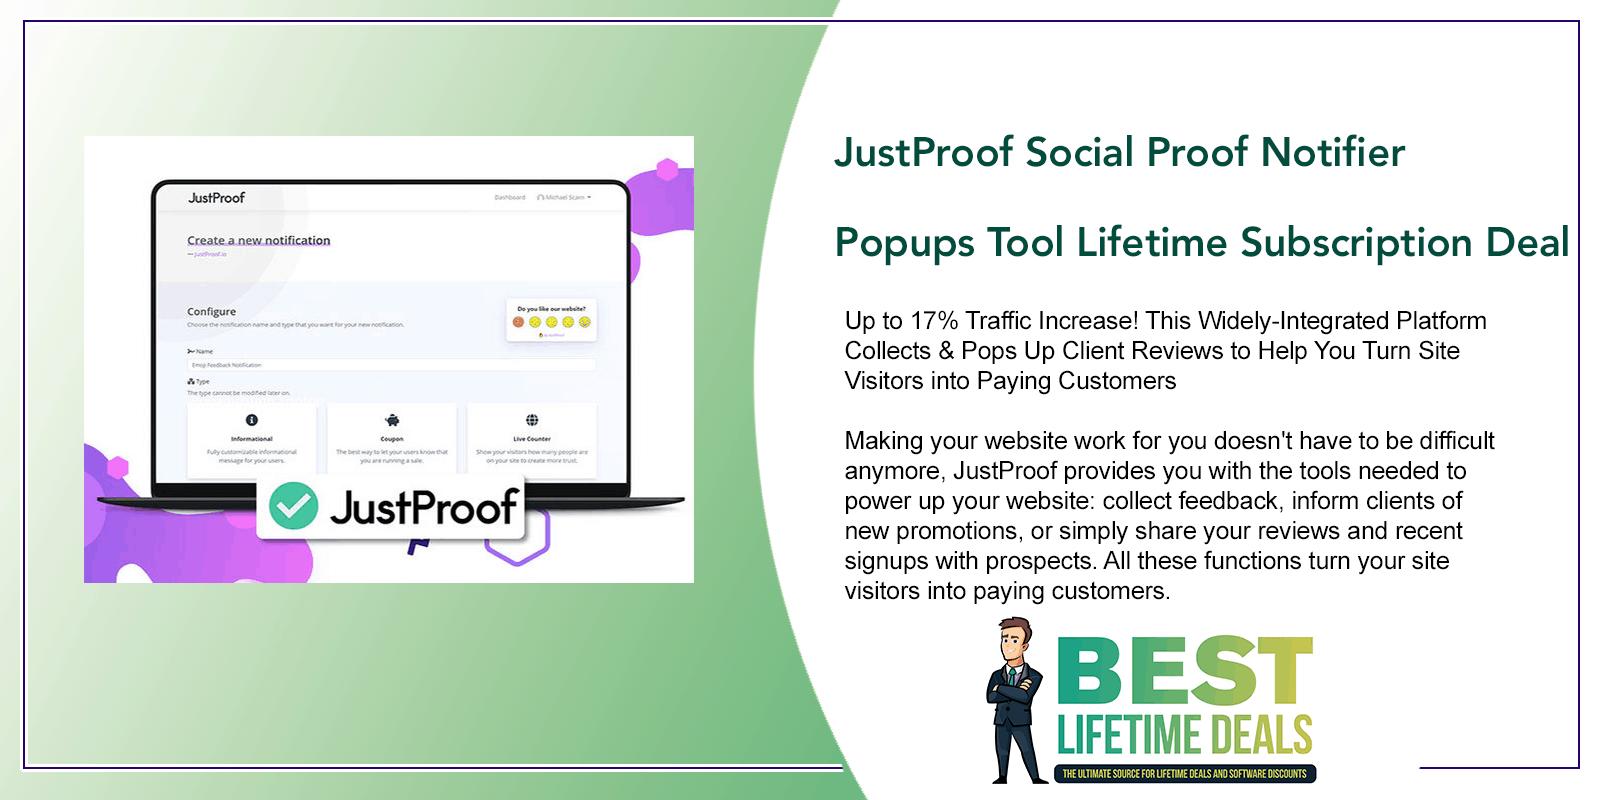 JustProof Social Proof Notifier Featured Image